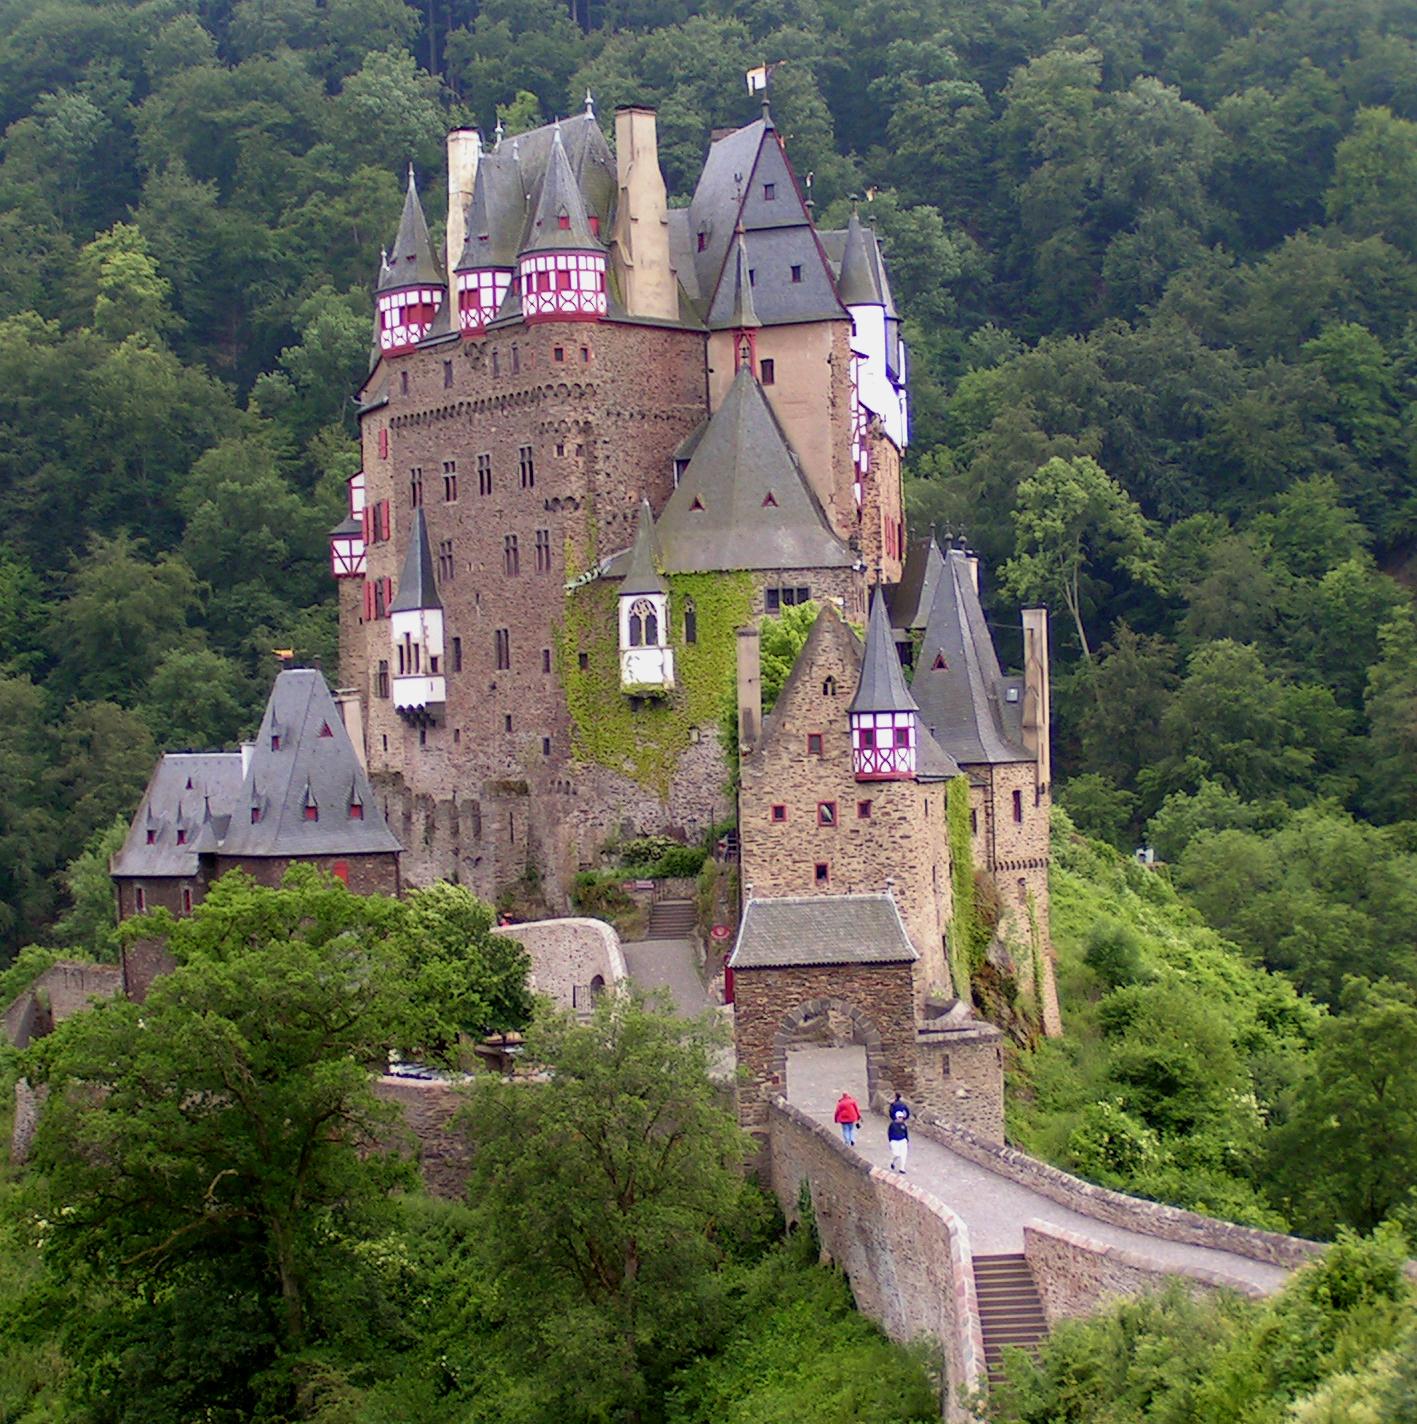 Burg_Eltz_13_PICT4064_2